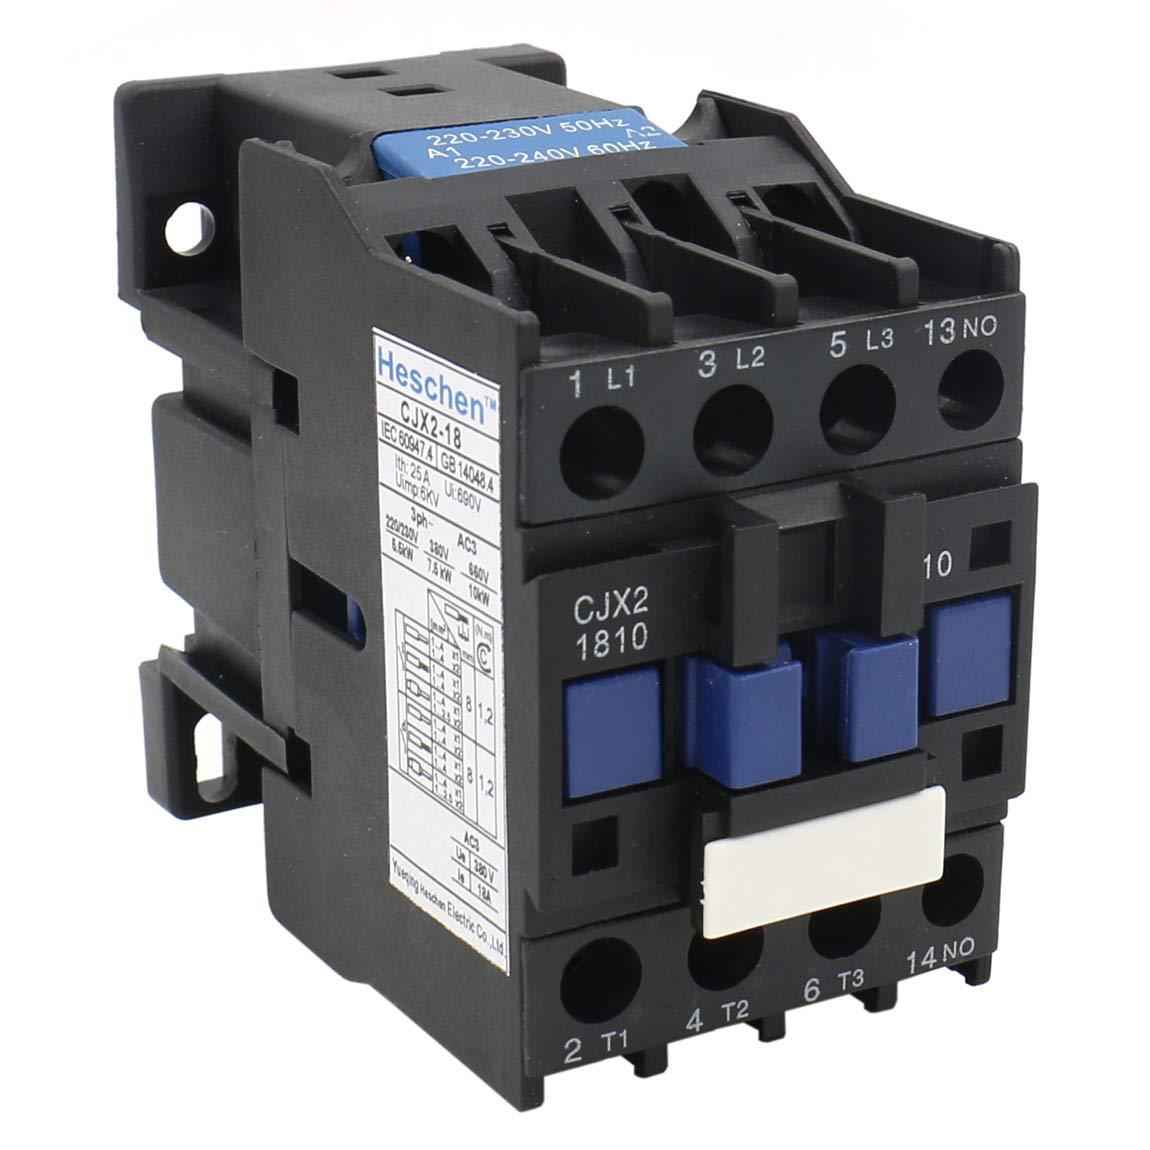 Heschen AC Contactor CJX2-1810 bobina de 220 V 50/60 Hz 3P 3 polos normalmente abierto 660 V 32 A